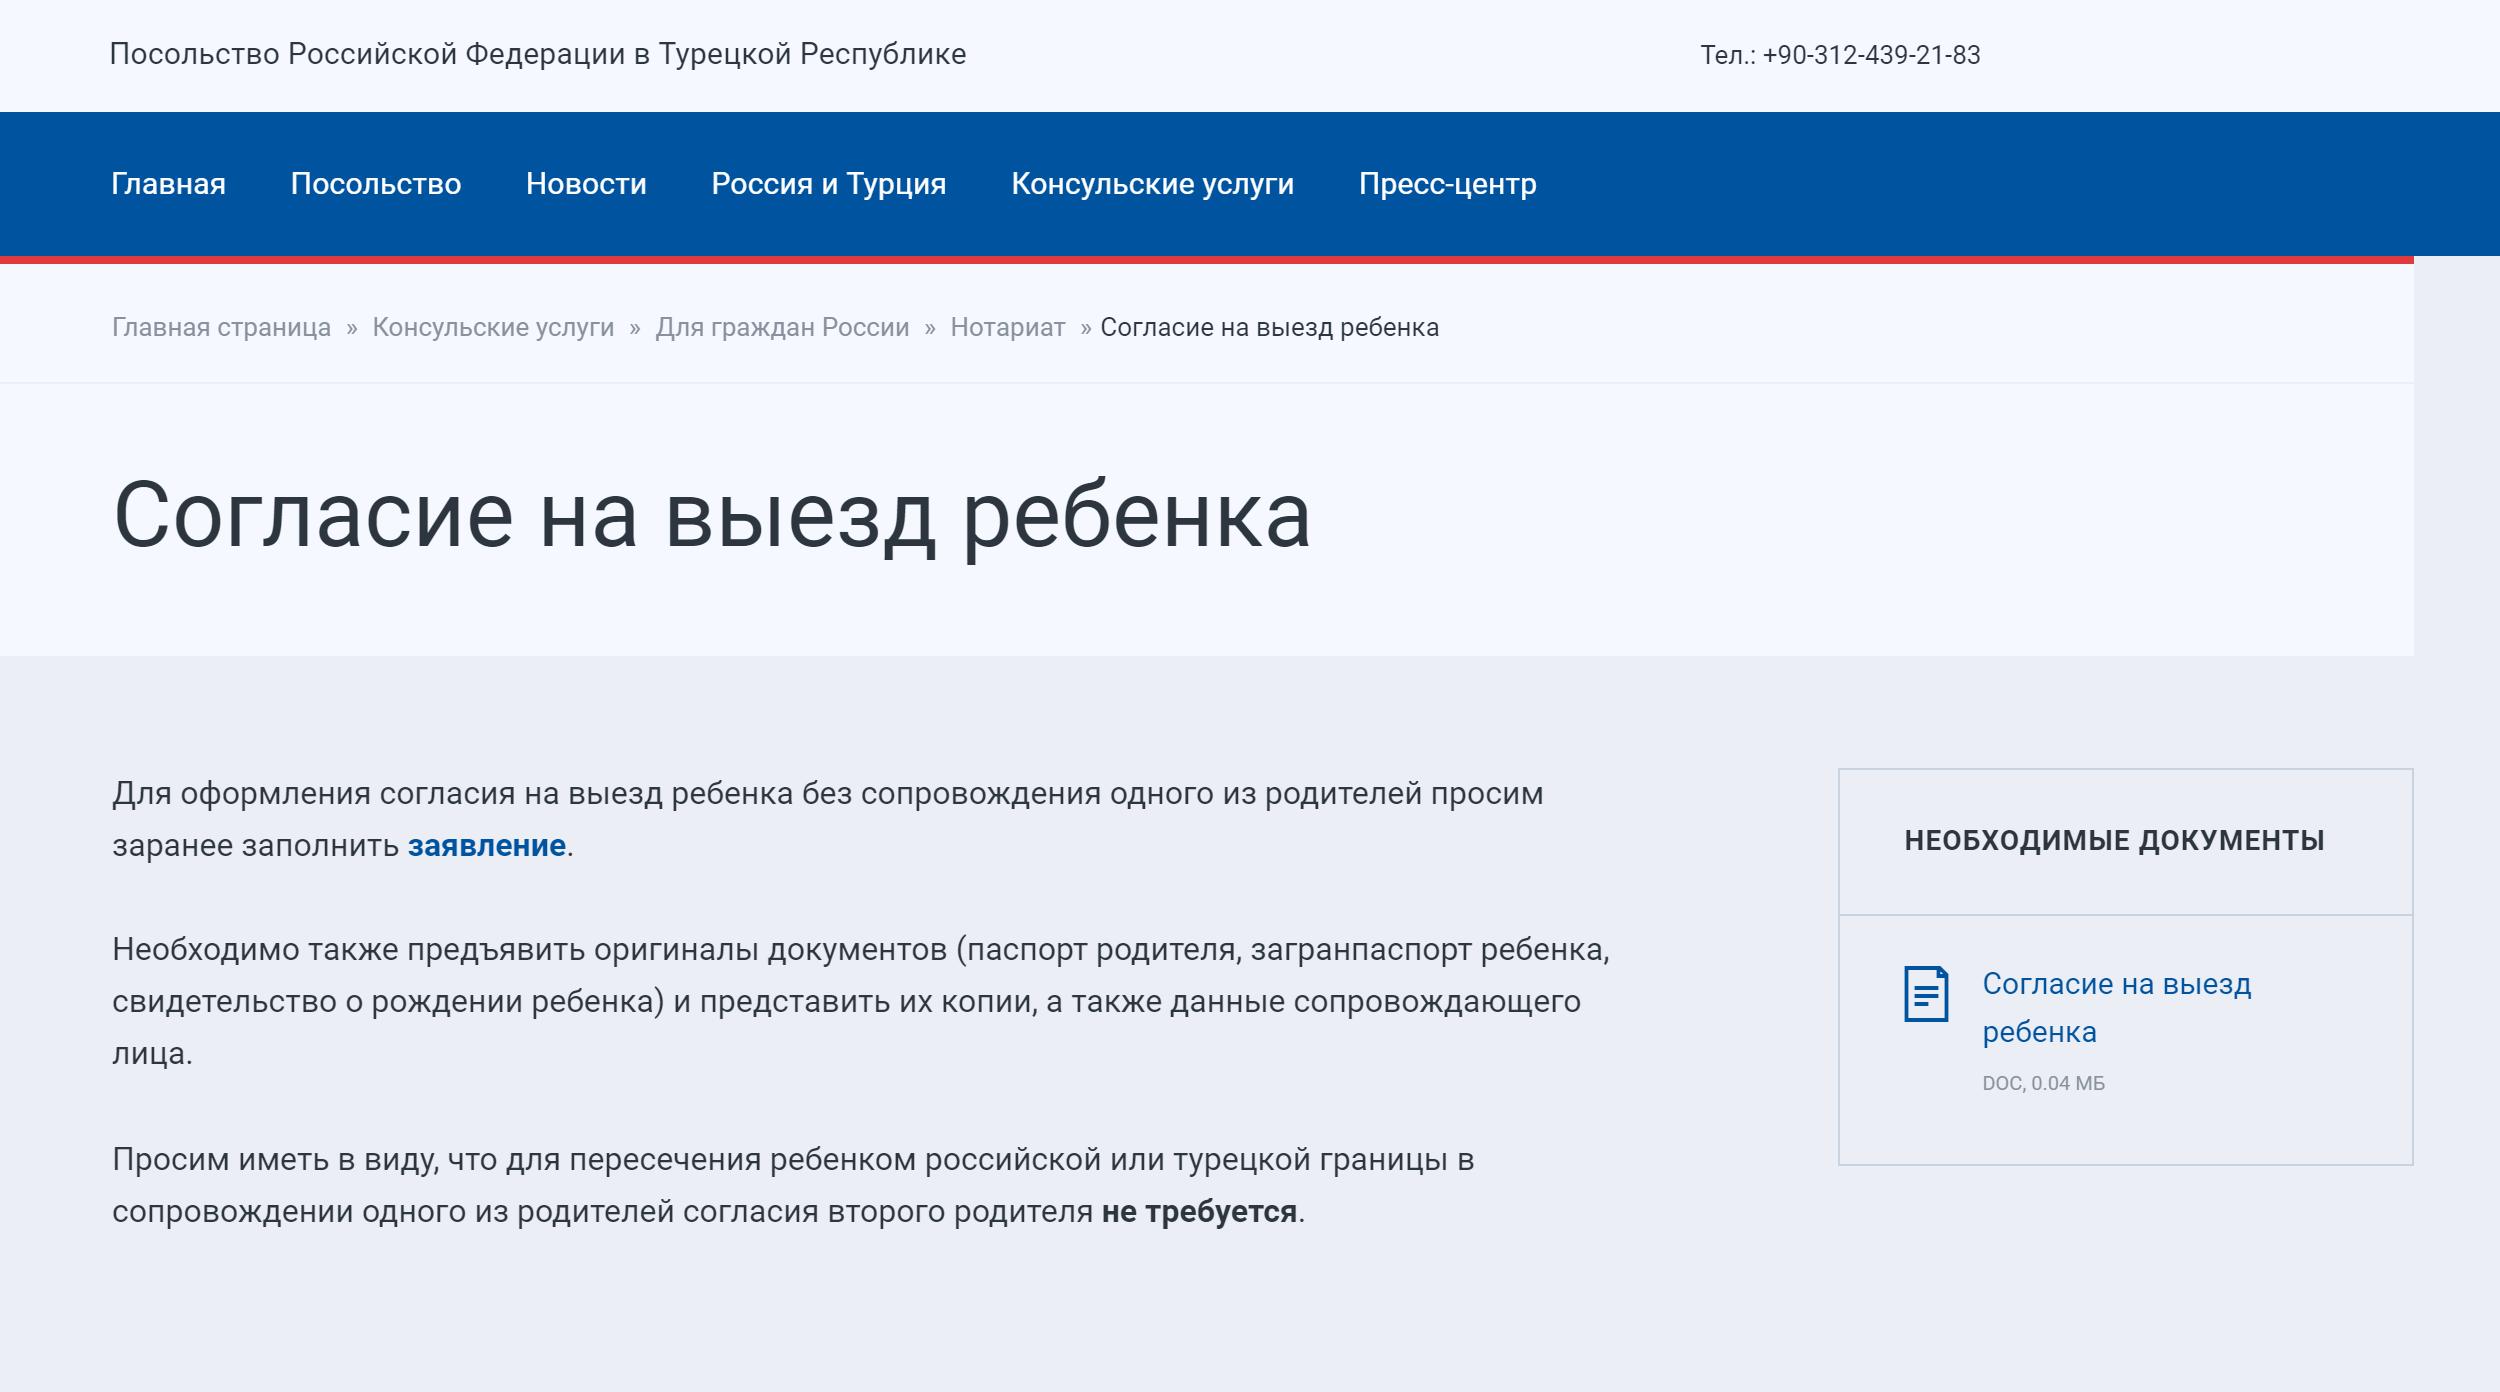 На сайте посольства России в Турции есть подробная инструкция по оформлению согласия на выезд